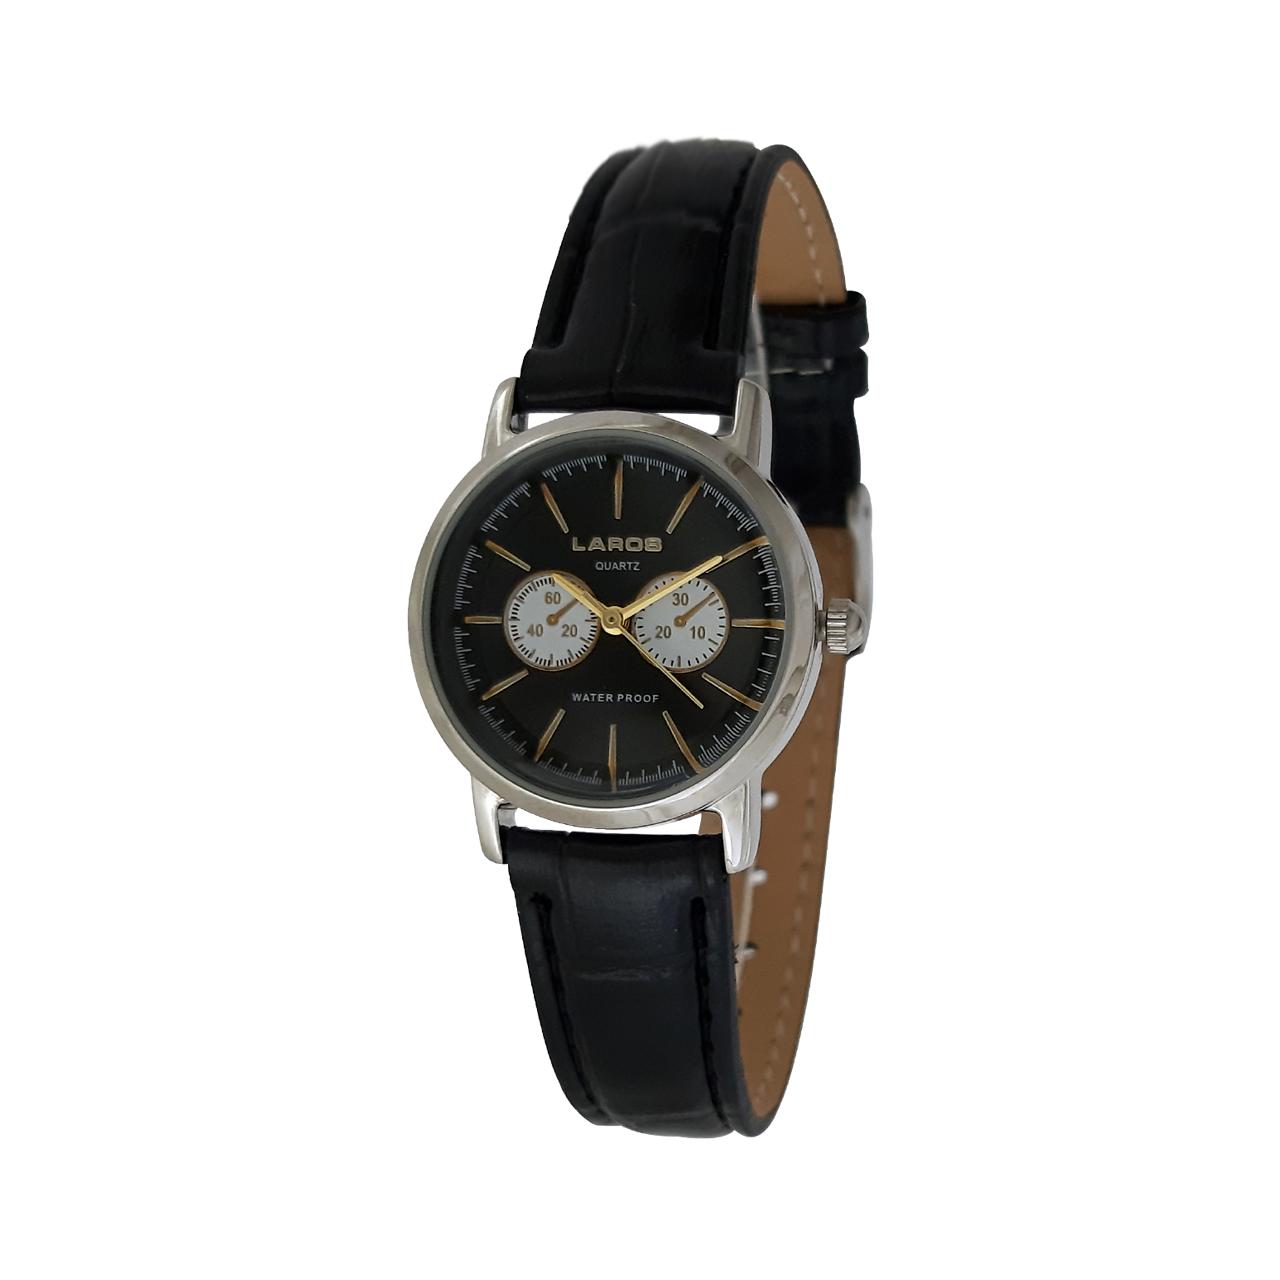 ساعت مچی عقربه ای زنانه لاروس مدل 0215-79530-s به همراه دستمال مخصوص برند کلین واچ